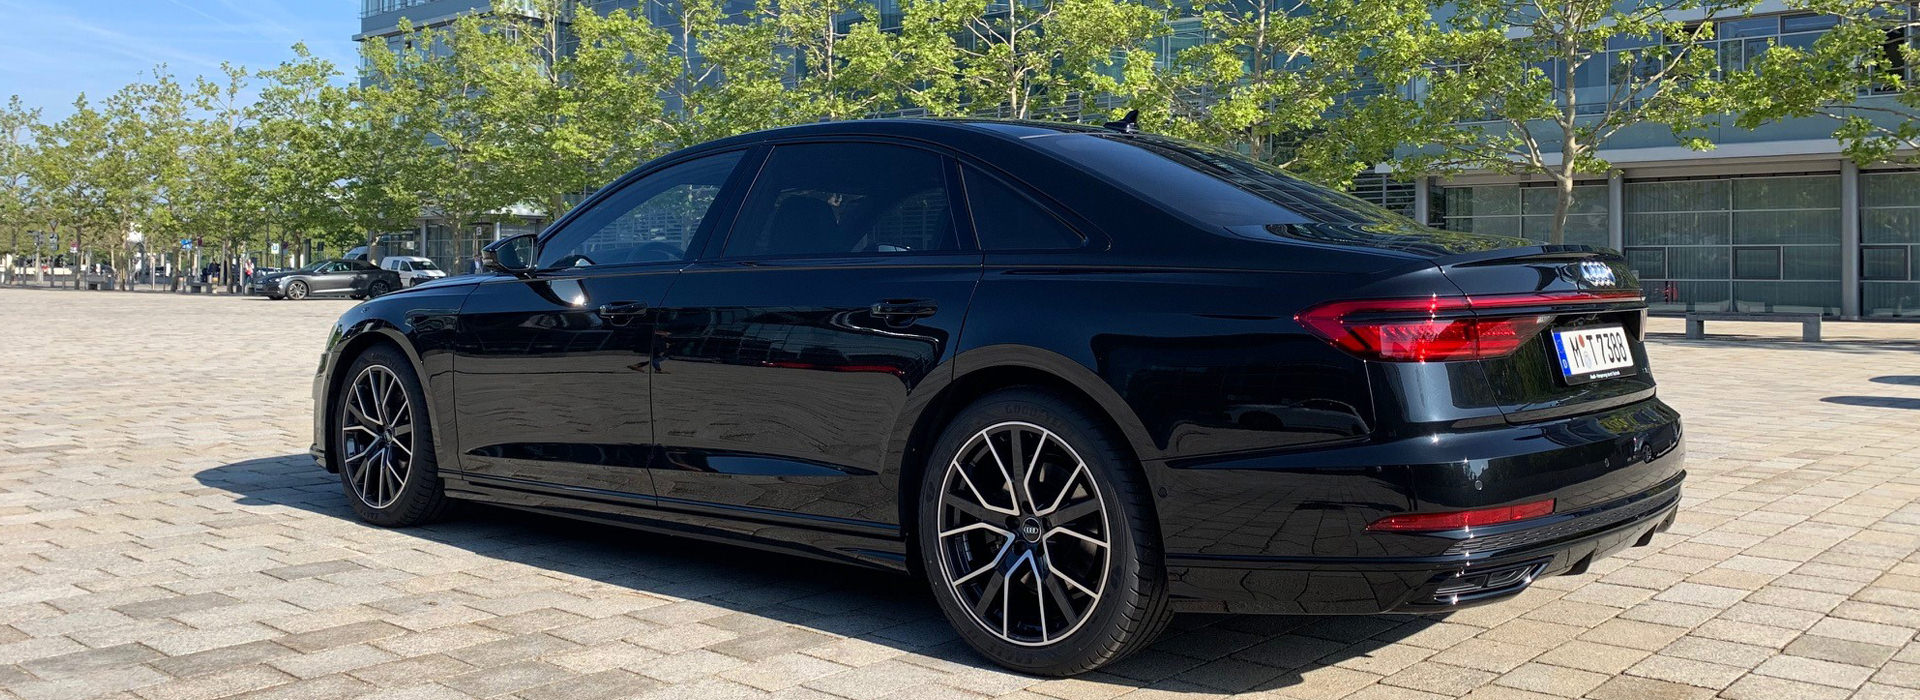 Audi A8 Chauffeur Munich